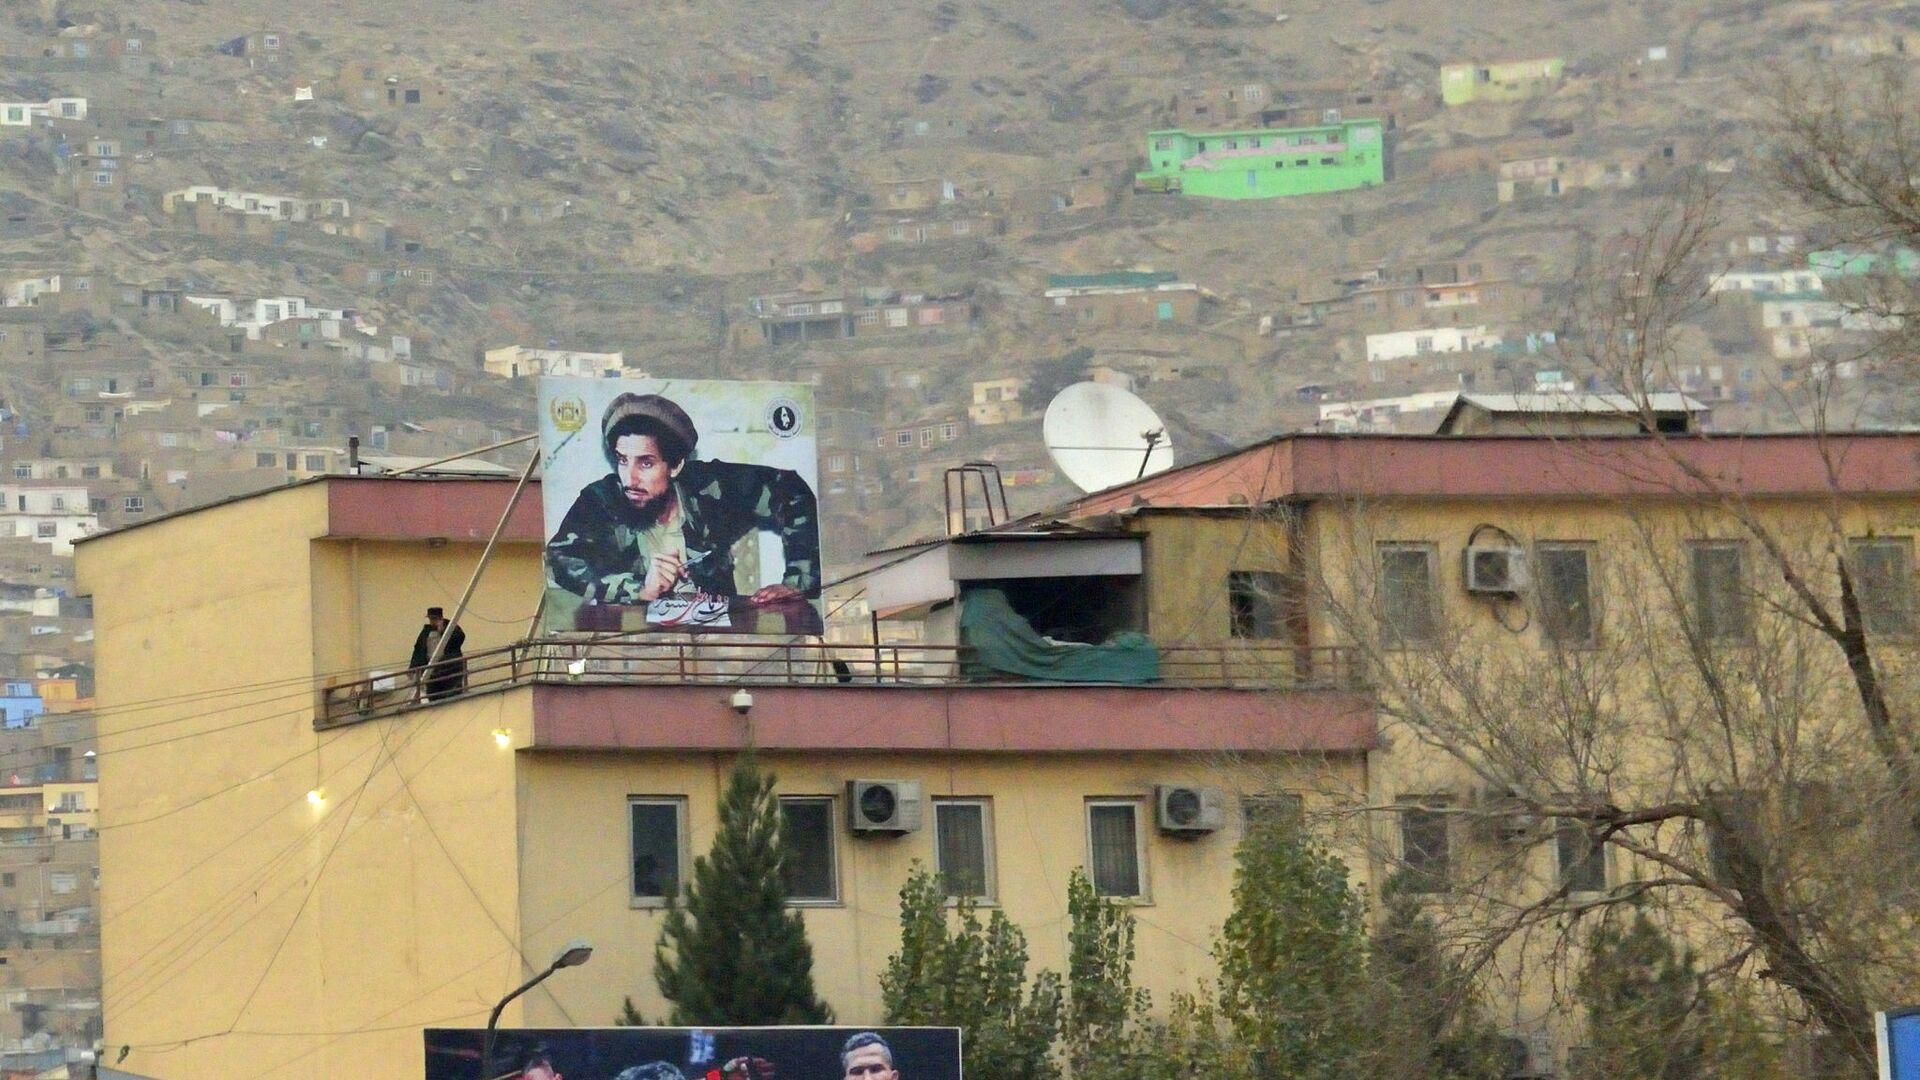 Кабул - национальный герой Ахмад шах Масуд и герои спорта всегда рядом - Sputnik Таджикистан, 1920, 26.08.2021